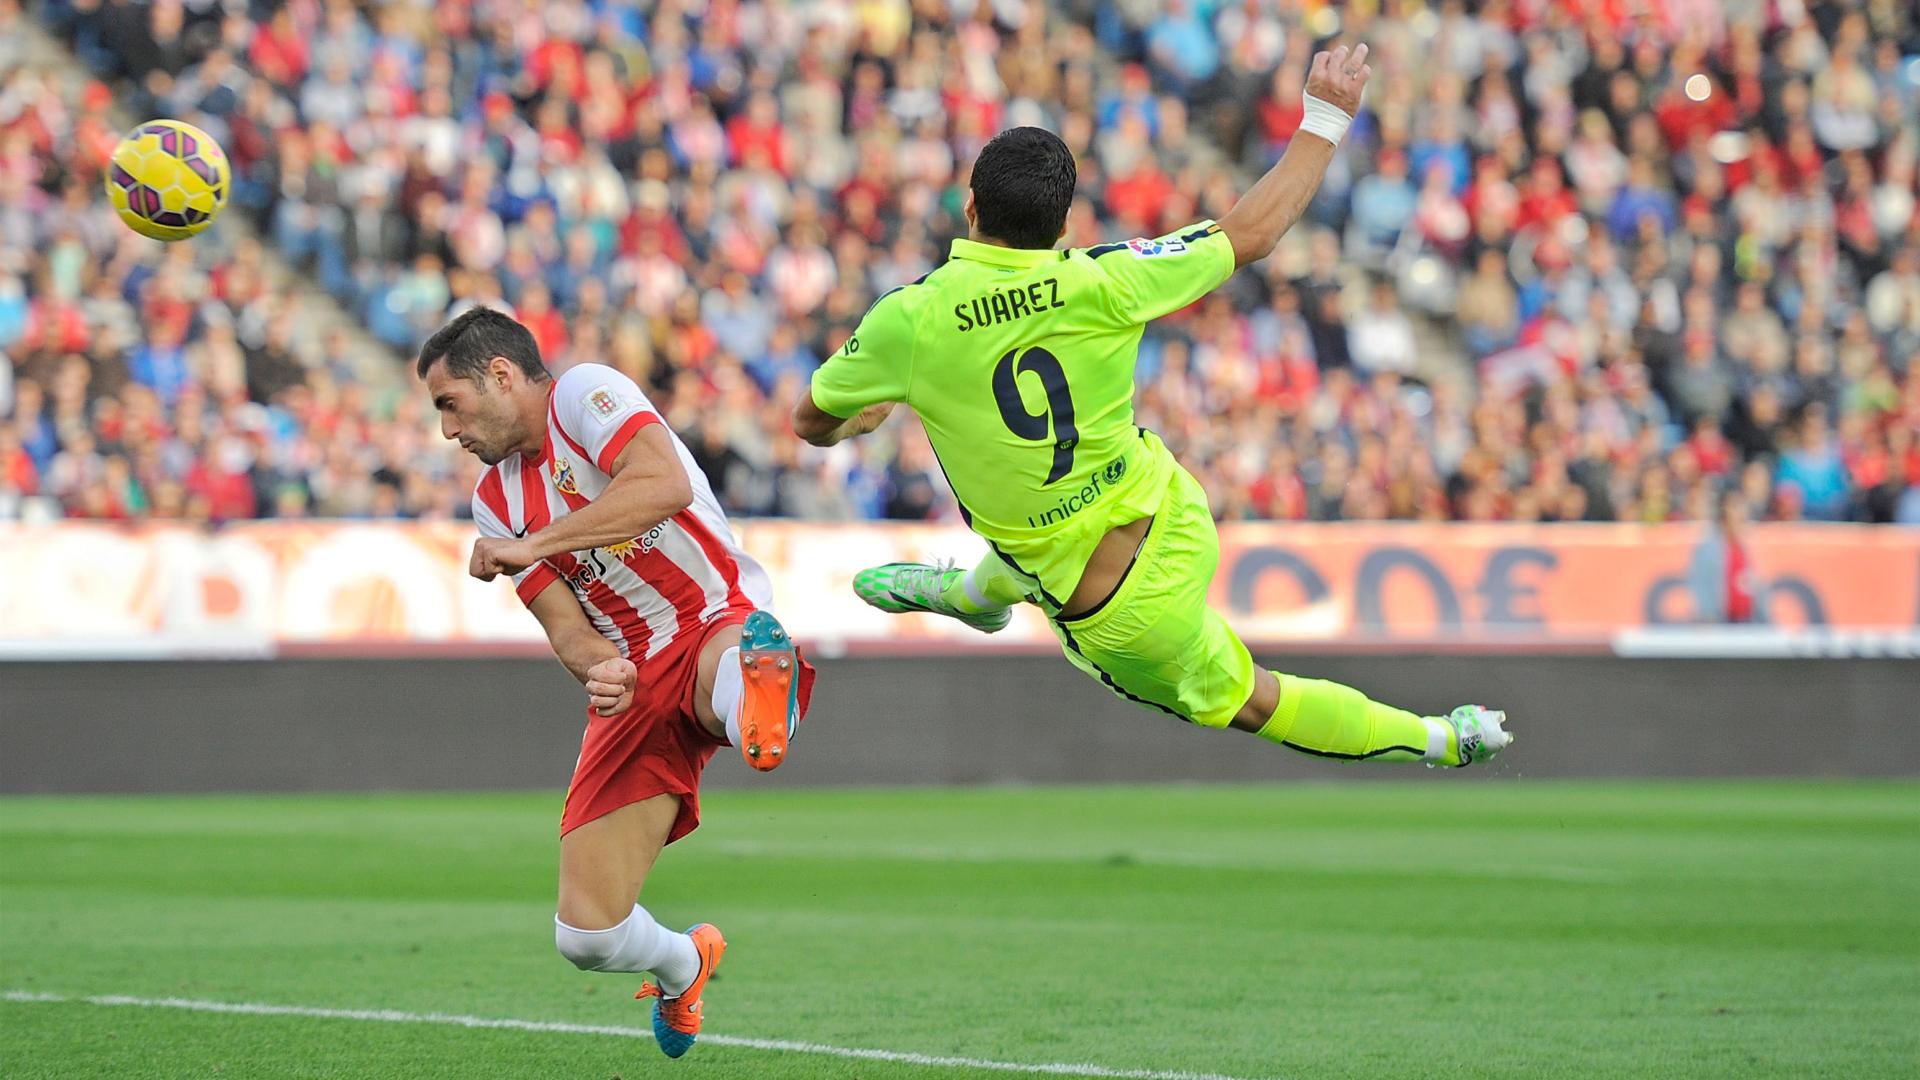 La Liga: Luis Suarez Barcelona La Liga